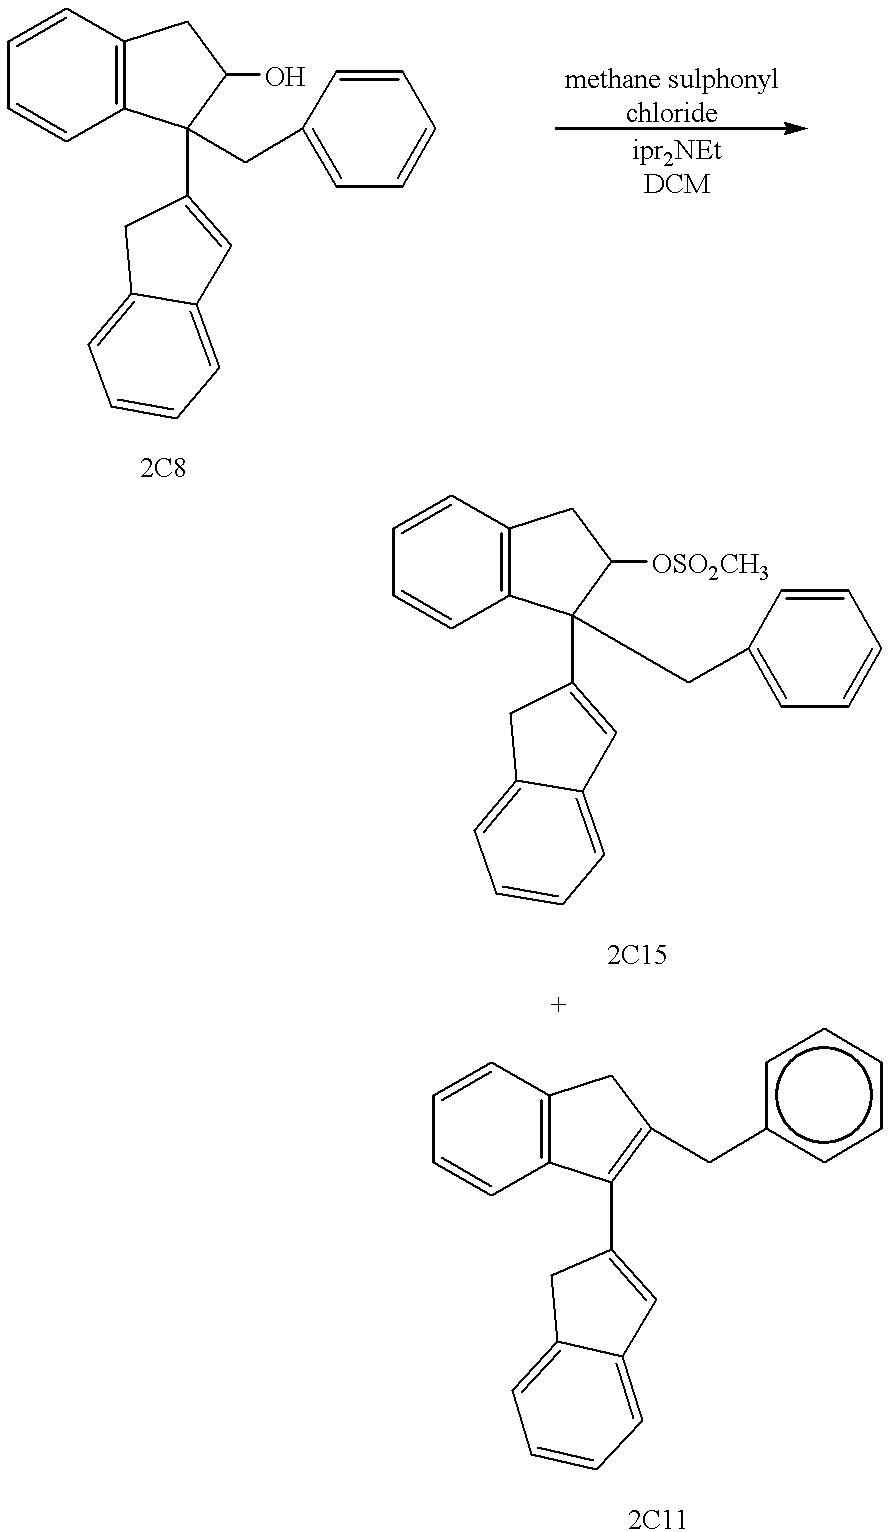 Figure US06300376-20011009-C00061